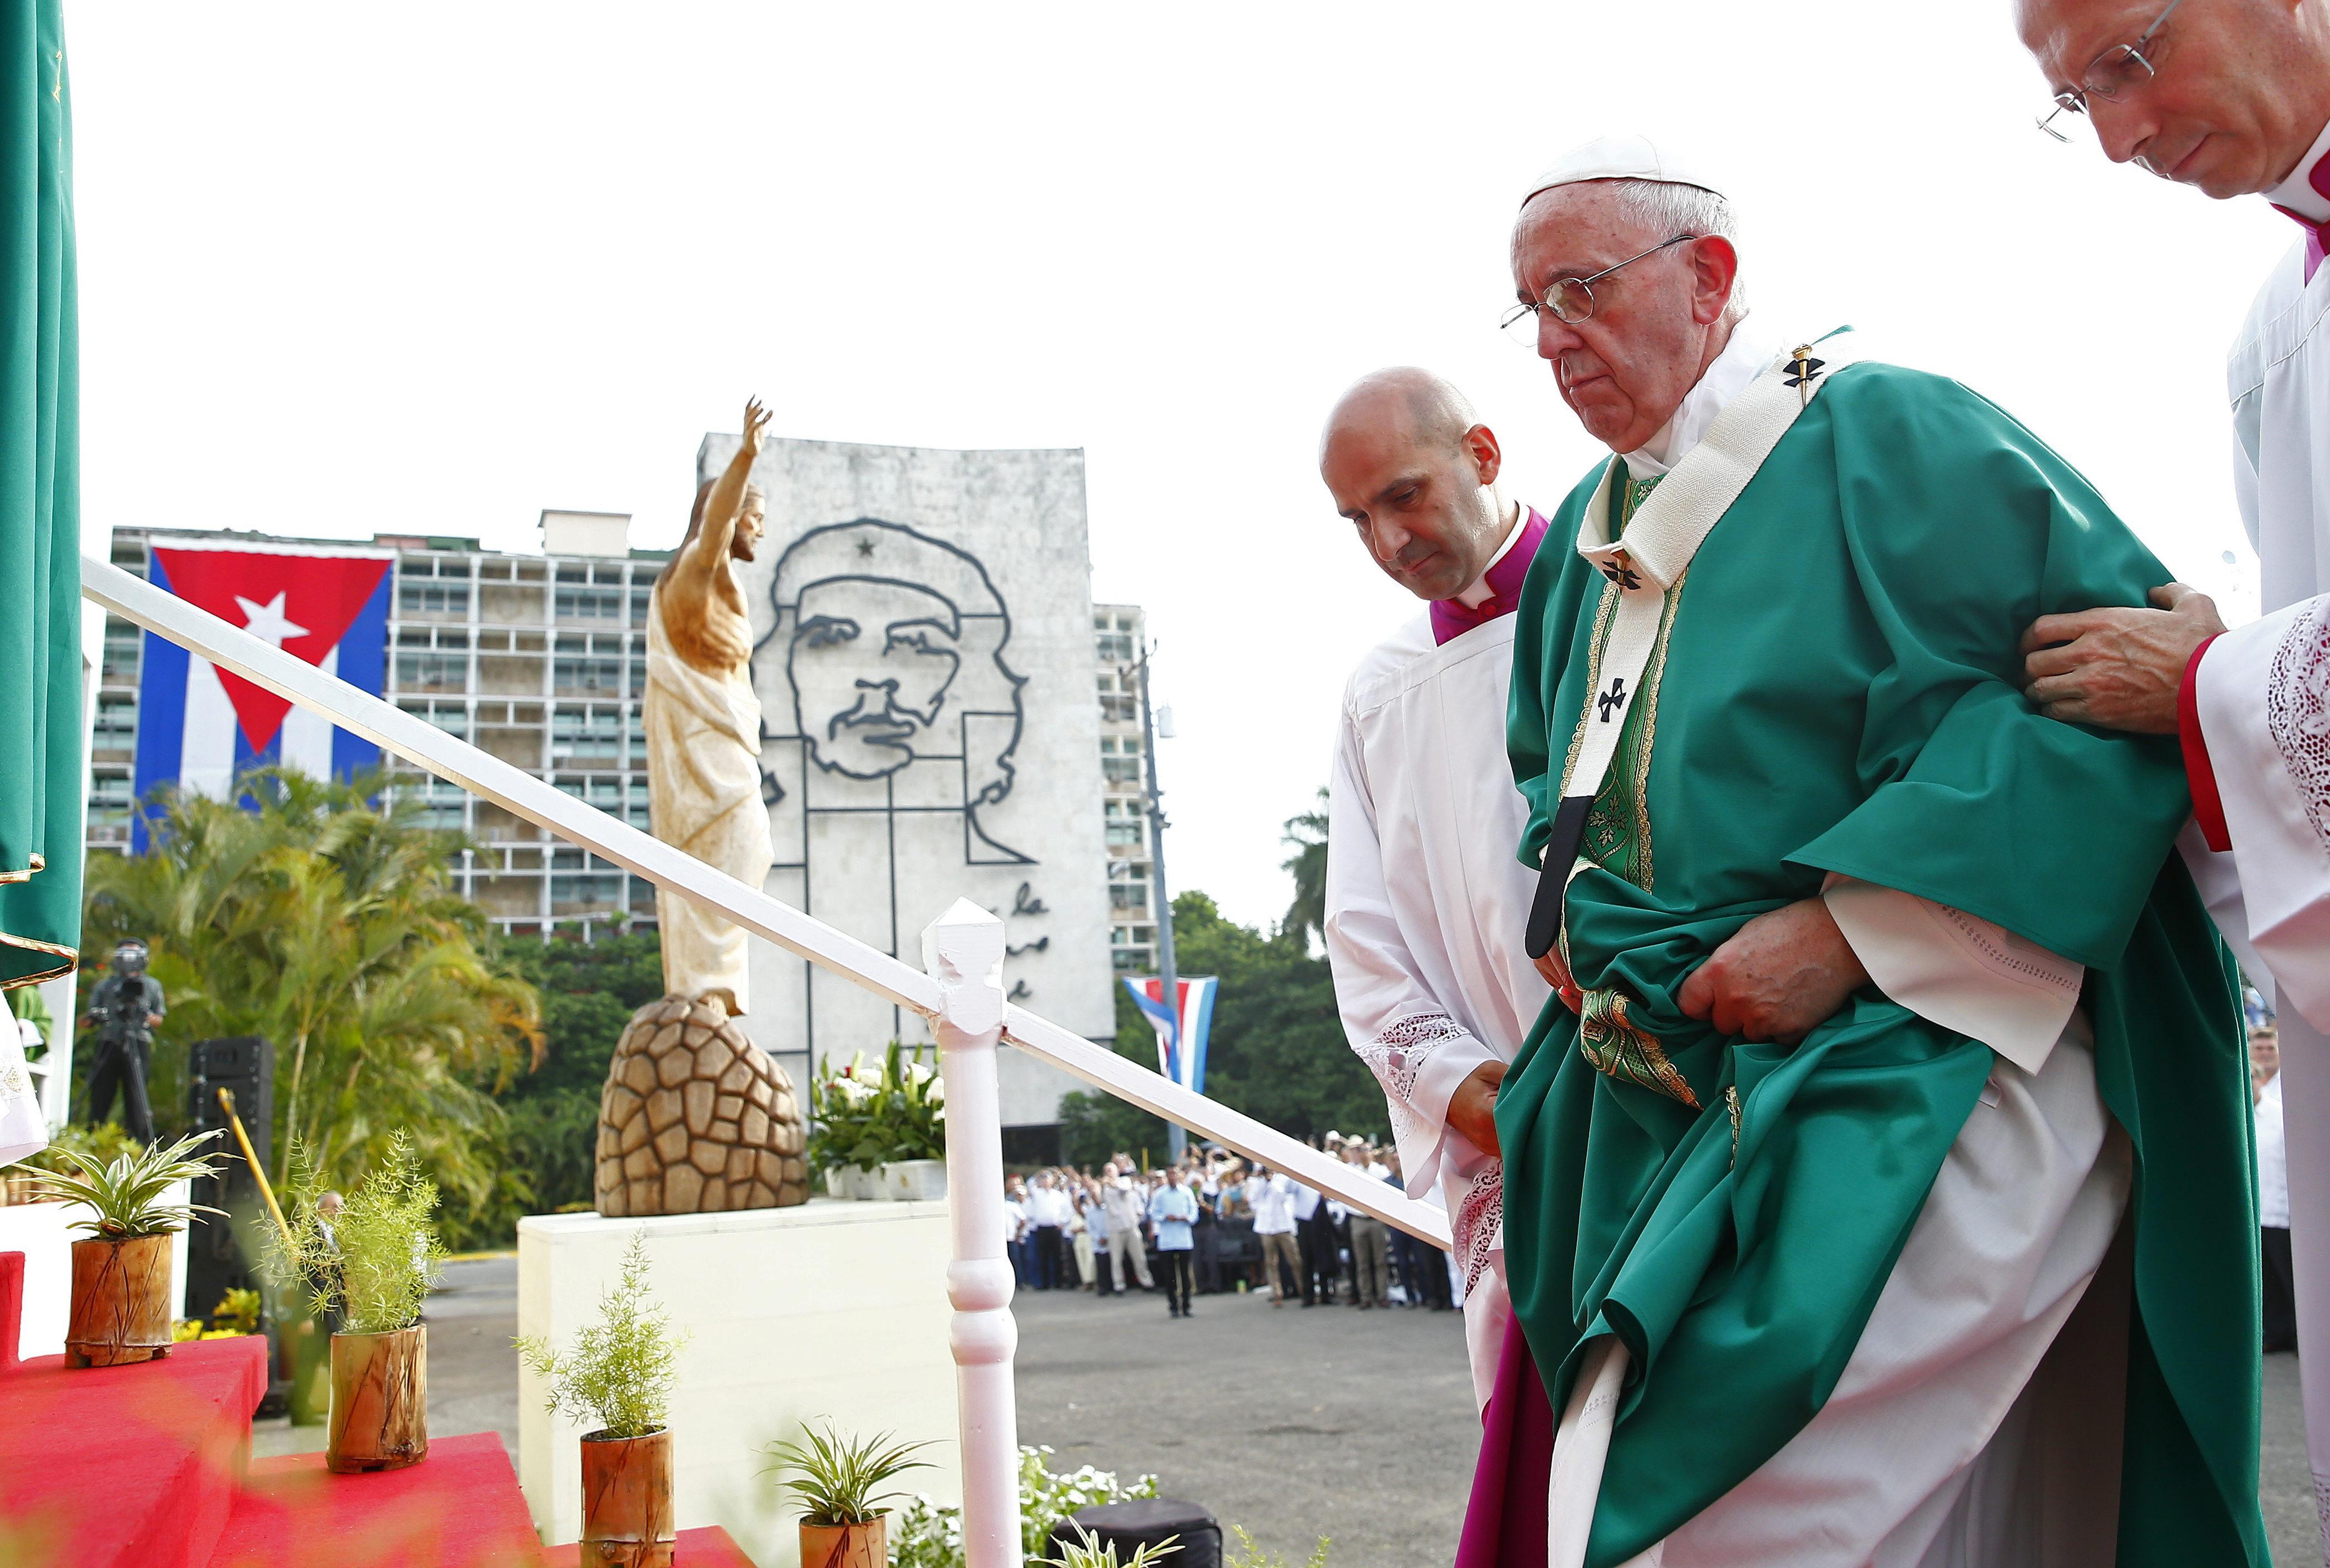 LA HABANA (CUBA), 20/09/2015.- El papa Francisco sube al altar para oficiar la misa en la Plaza de la Revolución de La Habana (Cuba), hoy, domingo 20 de septiembre de 2015, ante miles de cubanos y fieles. EFE/Tony Gentile/POOL